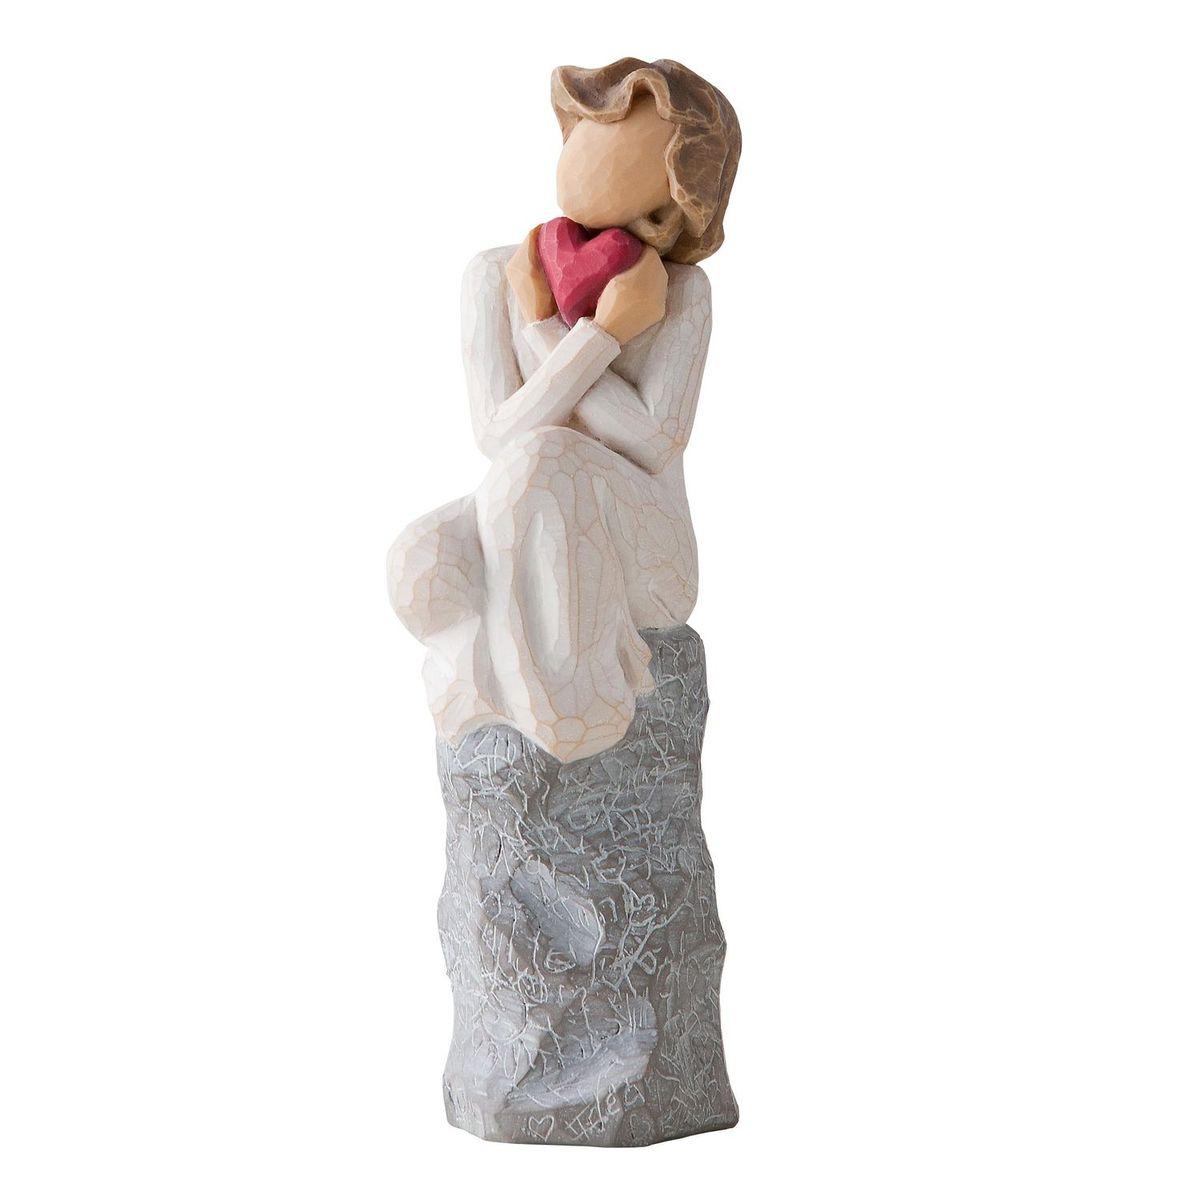 Фигурка Willow Tree Всегда чувство силы твоей любви, 15 см27180Эти прекрасные статуэтки созданы канадским скульптором Сьюзан Лорди. Каждая фигурка – это настоящее произведение искусства, образная скульптура в миниатюре, изображающая эмоции и чувства, которые помогают нам чувствовать себя ближе к другим, верить в мечту, выражать любовь. Каждая фигурка помещена в красивую упаковку. Купить такой оригинальный подарок, значит не только украсить интерьер помещения или жилой комнаты, но выразить свое глубокое отношение к любимому человеку. Этот прекрасный сувенир будет лучшим подарком на день ангела, именины, день рождения, юбилей. Материал: Искусственный камень (49% карбонат кальция мелкозернистой разновидности, 51% искусственный камень)